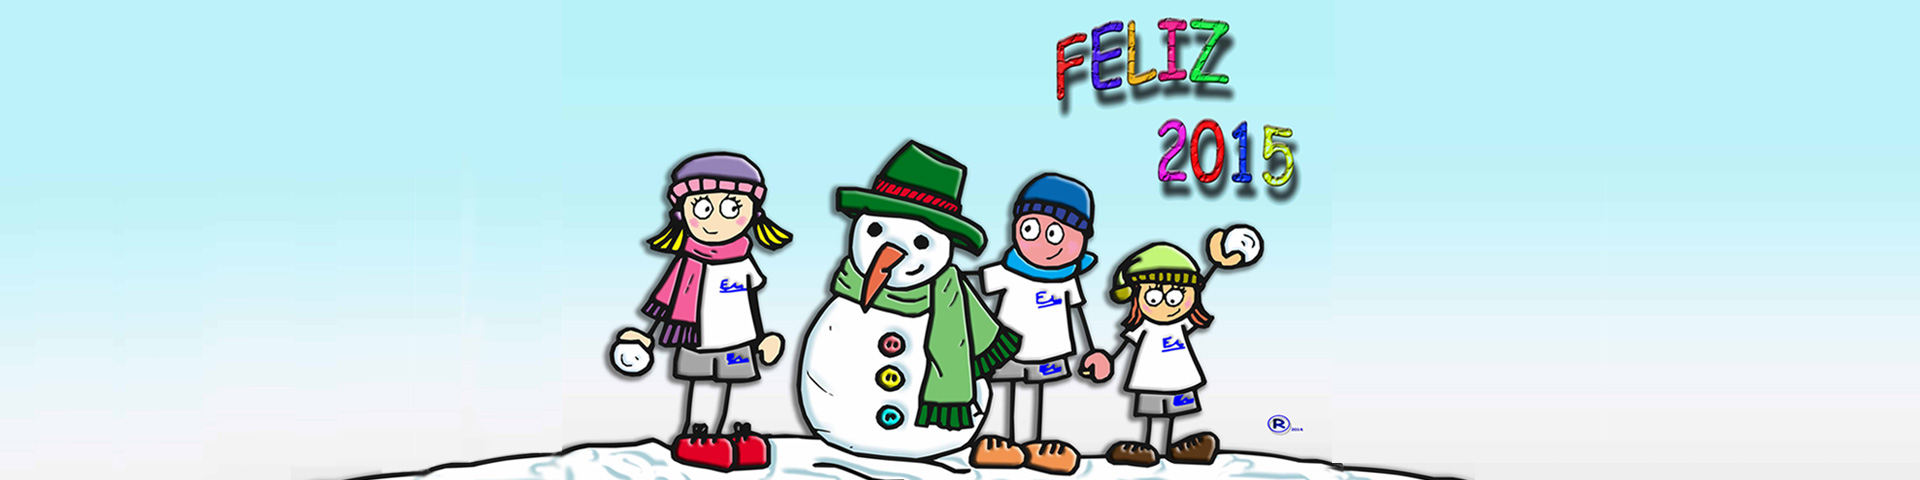 feliz-2015-03